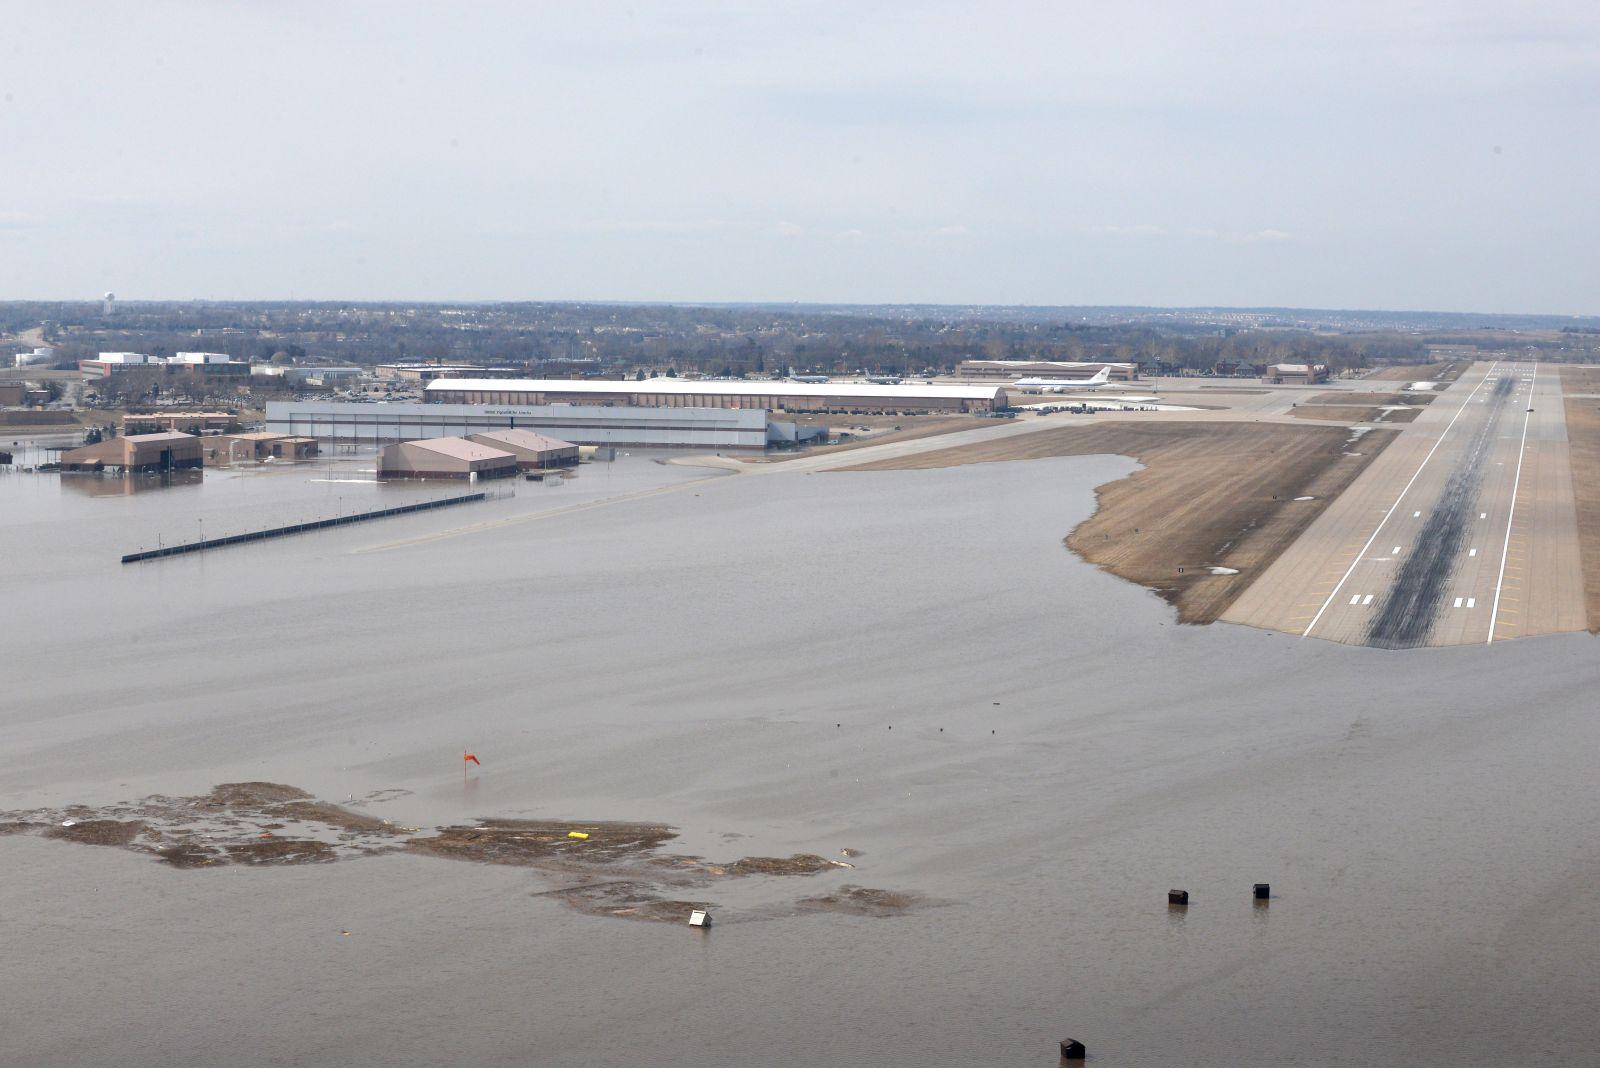 Една трета от американската военновъздушна база Offutt е под вода, 60 сгради са силно повредени (снимки)